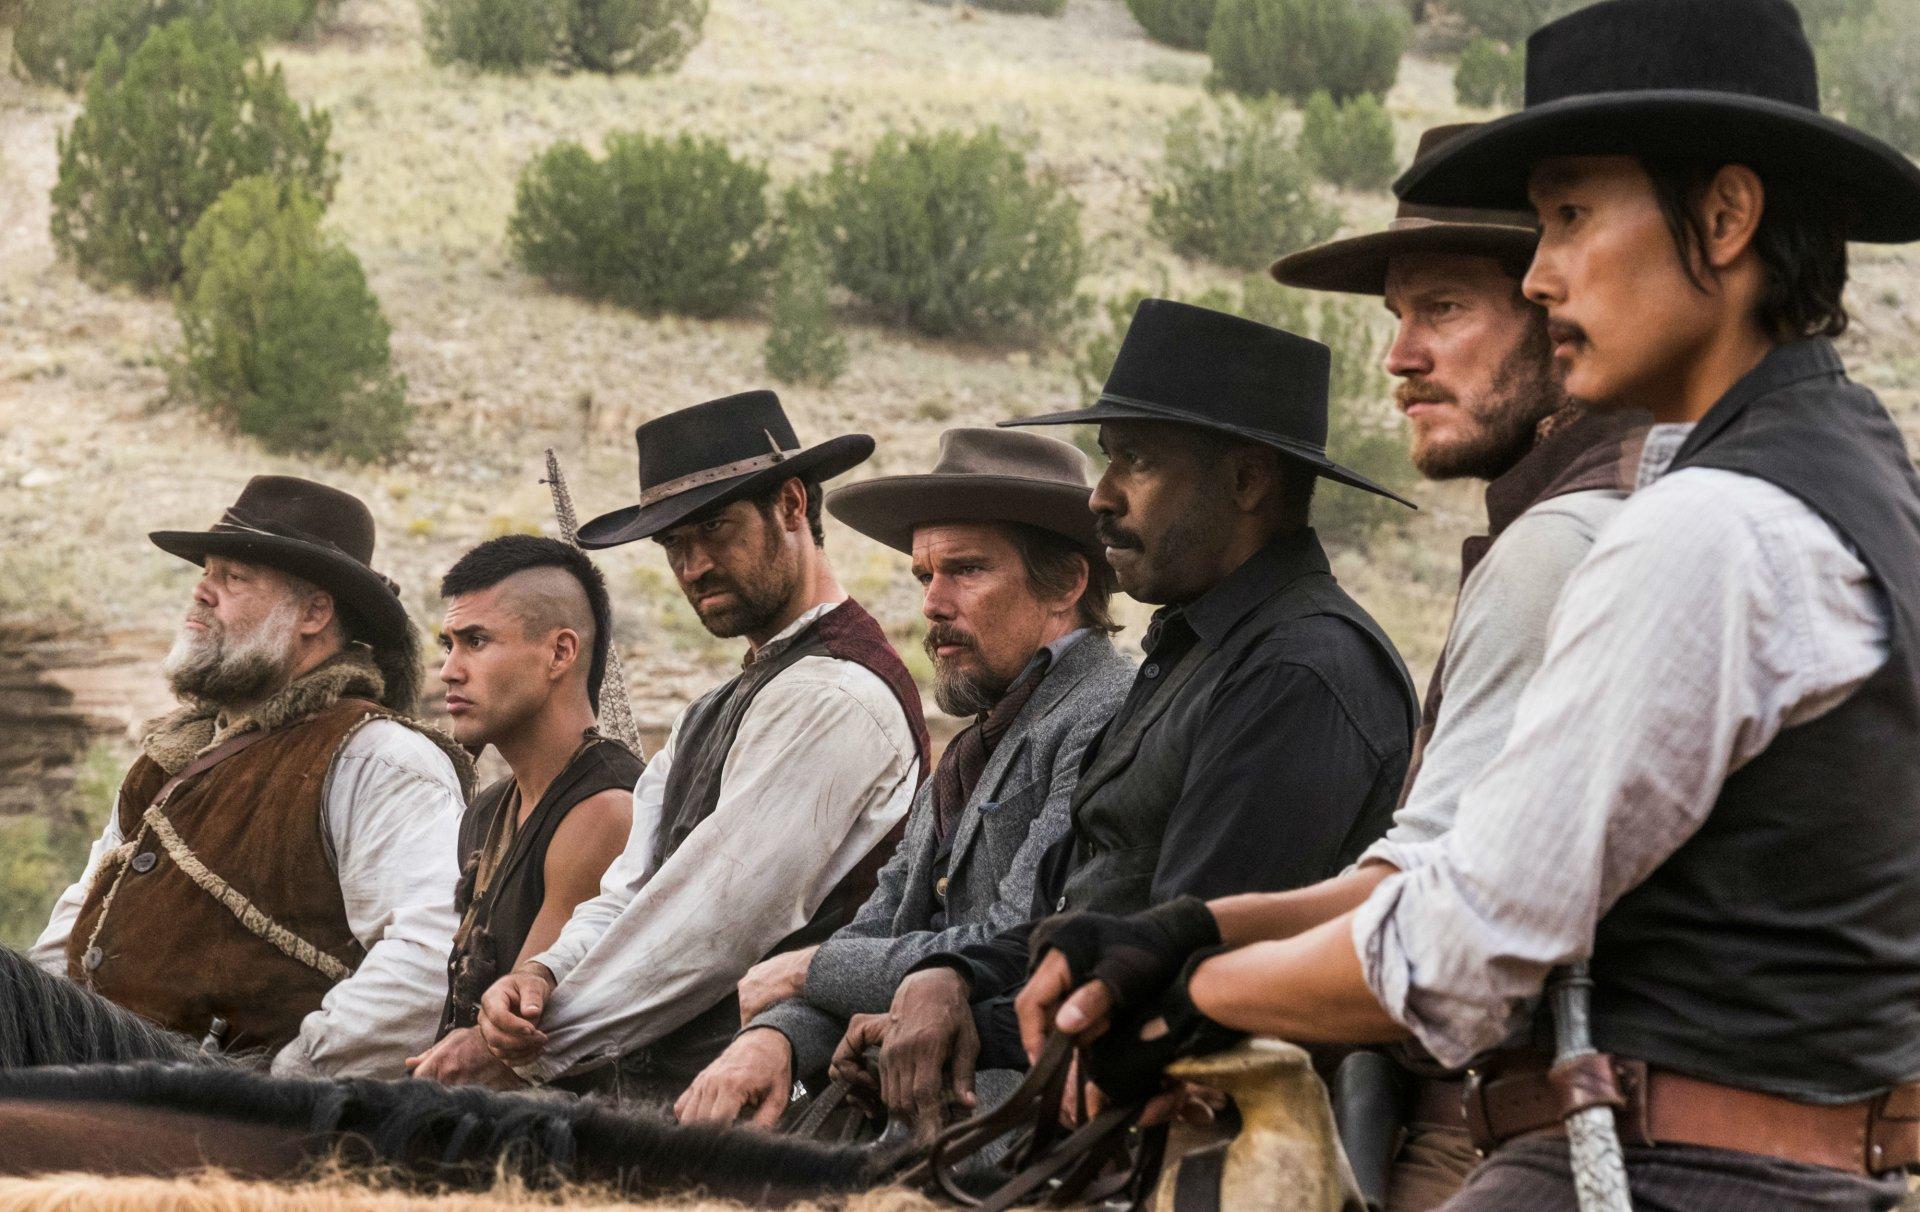 Les Sept Mercenaires : après le décès accidentel de James Horner en 2015, le réalisateur Antoine Fuqua a tenu à lui rendre hommage.